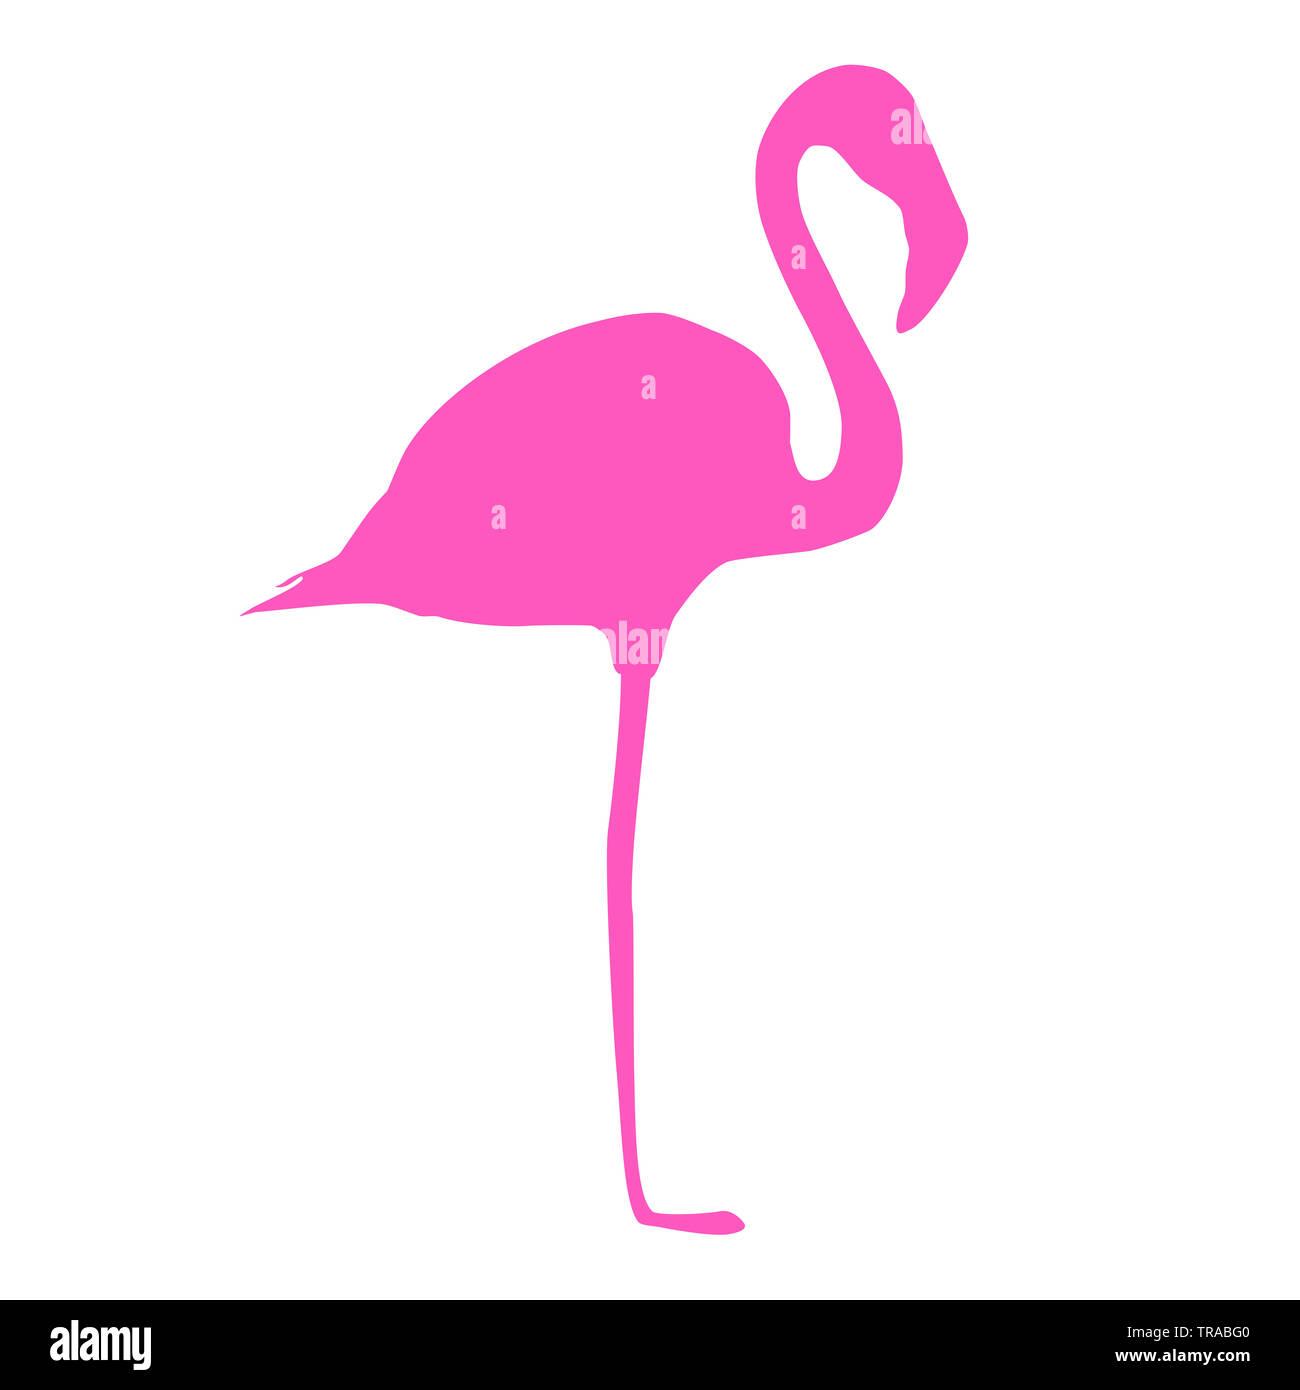 Fenicottero rosa icona isolati su sfondo bianco. Uccello tropicale silhouette semplice logo, estate disegno vettoriale EPS 10 Immagini Stock